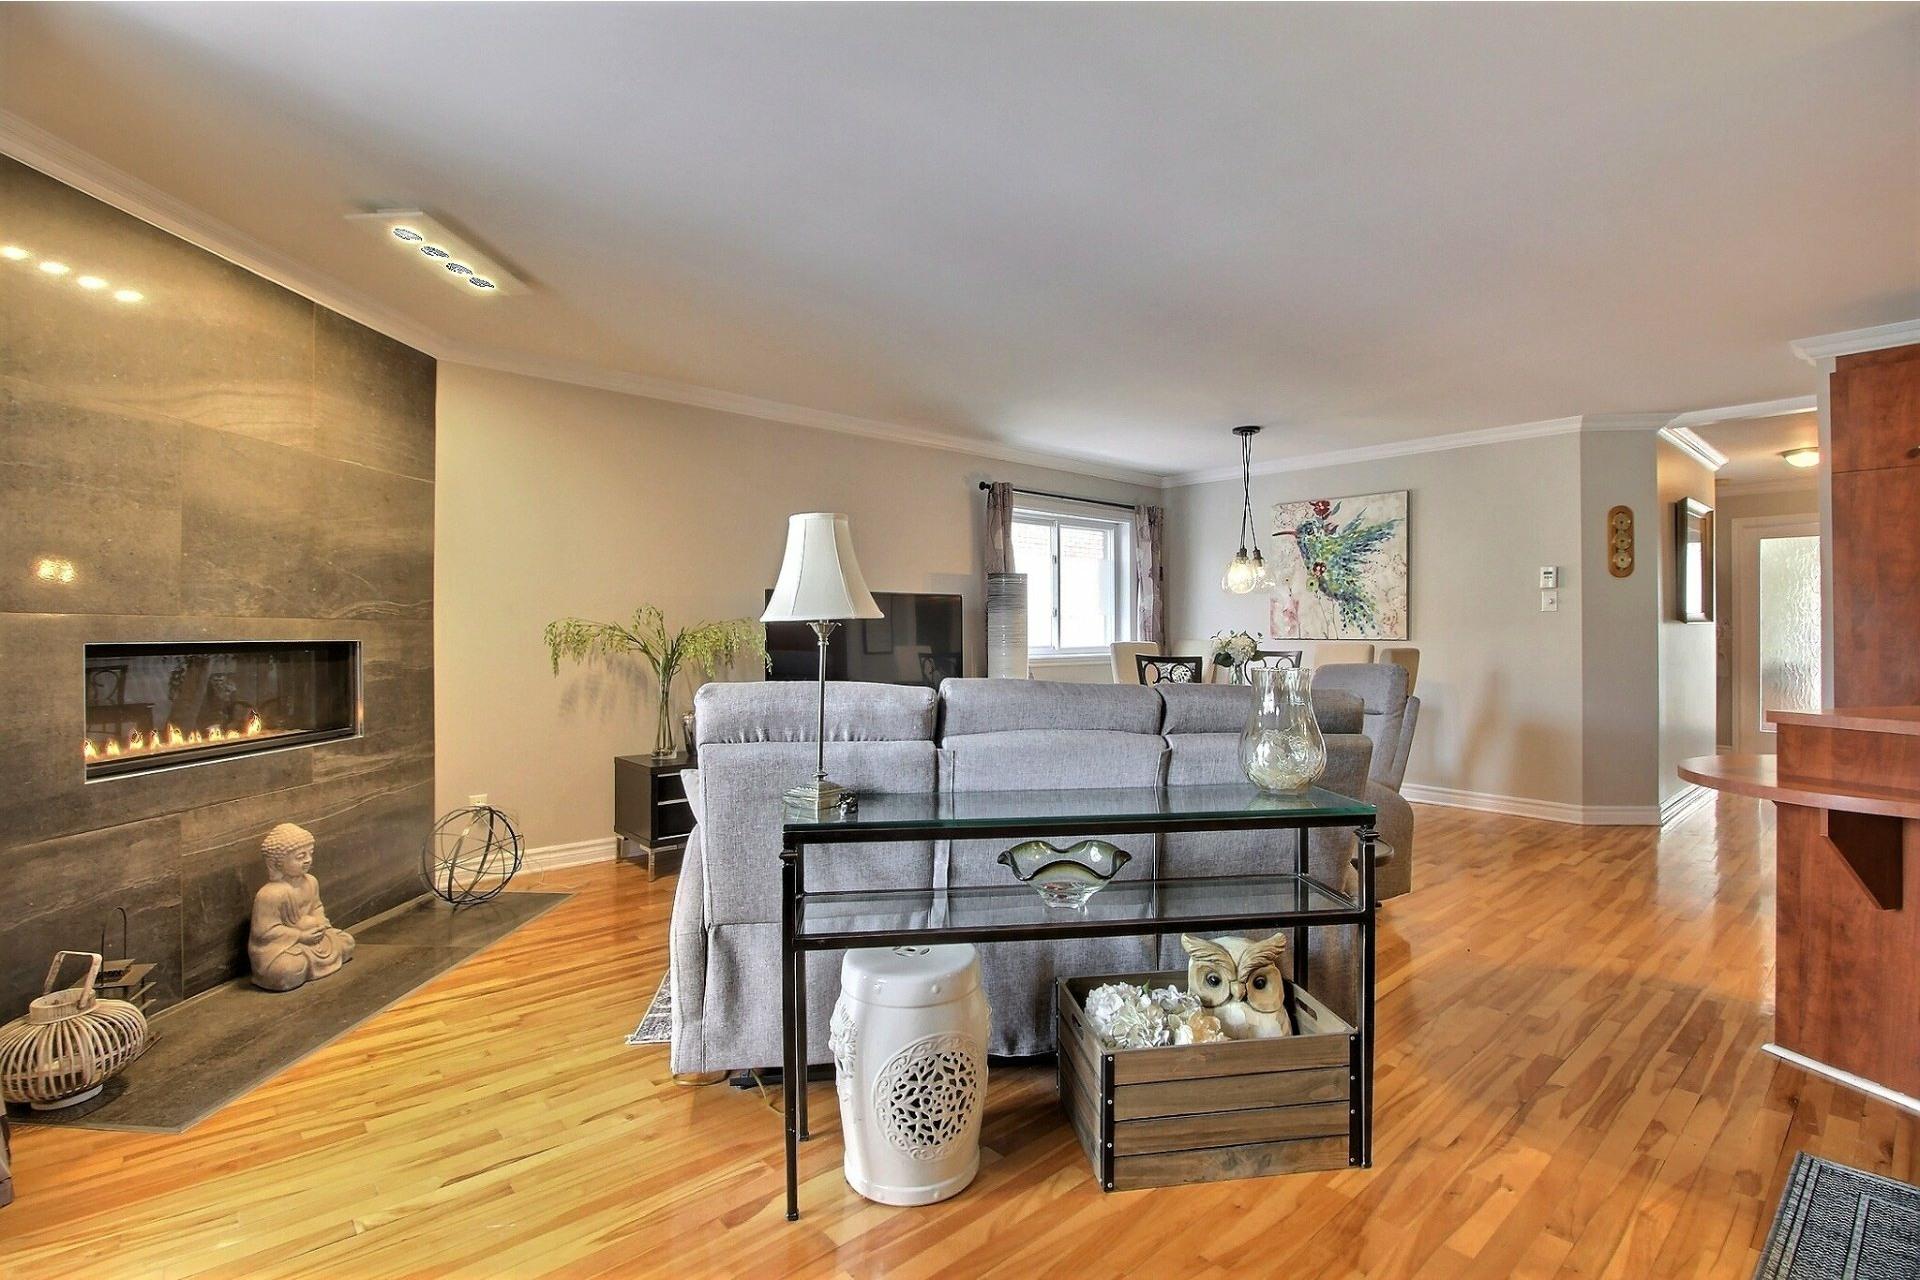 image 4 - Appartement À vendre Rivière-des-Prairies/Pointe-aux-Trembles Montréal  - 7 pièces